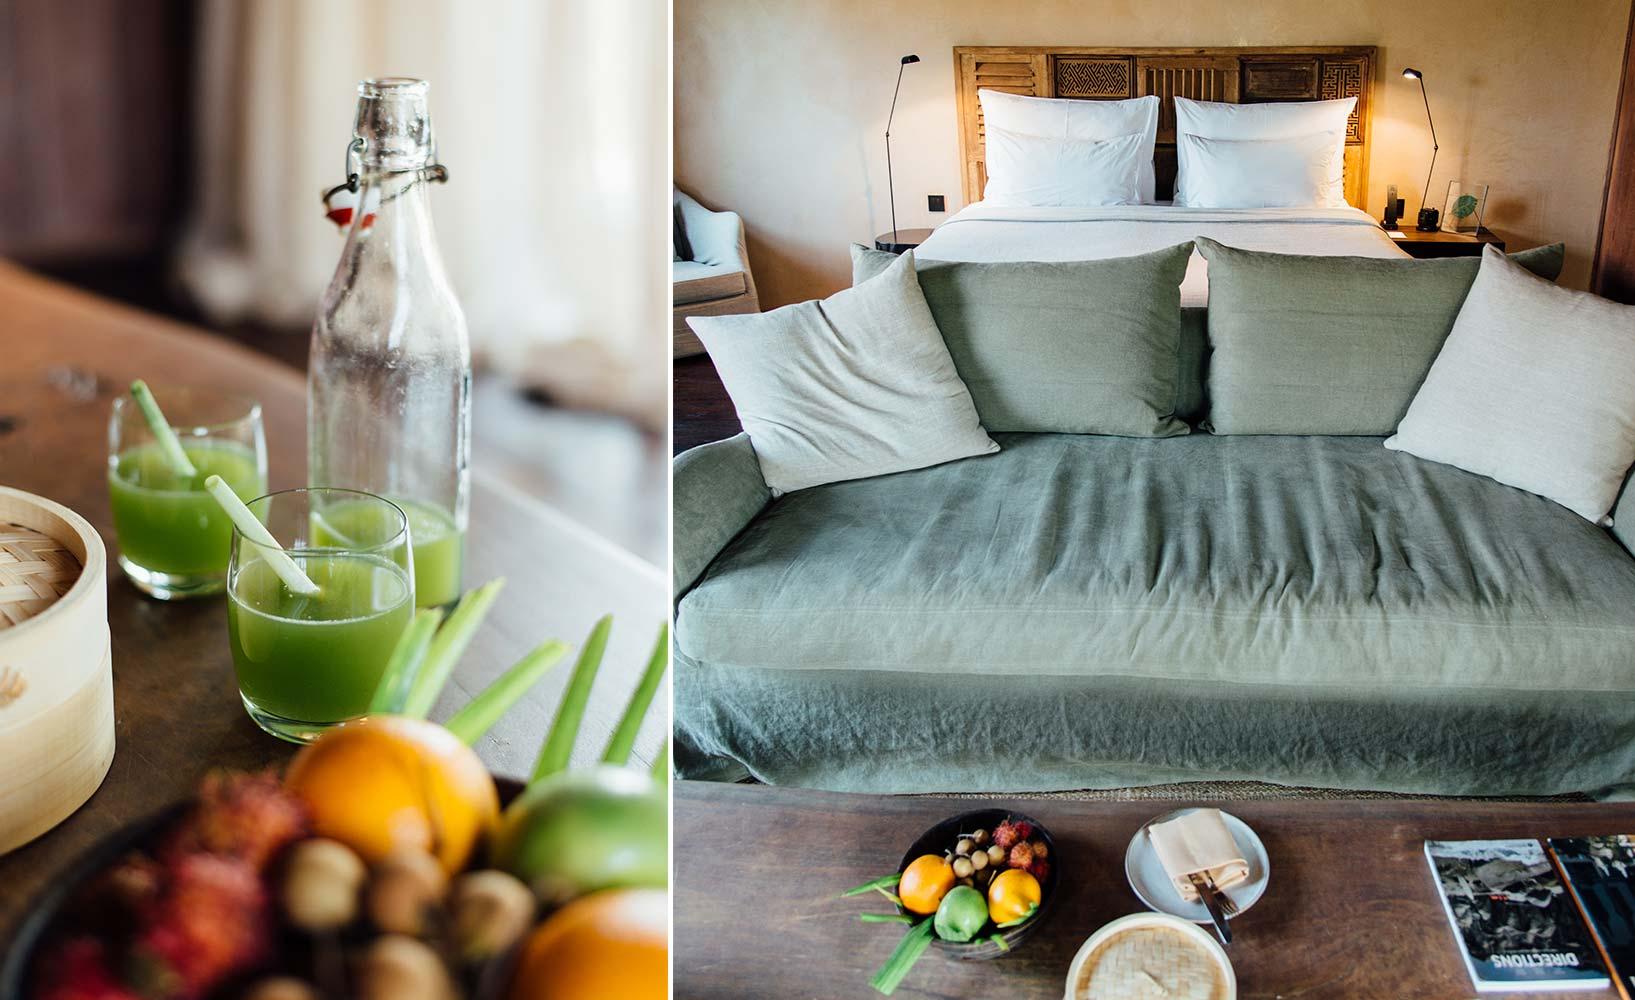 Marvelous Einfache Dekoration Und Mobel Authentischer Urlaub Im Designhotel Phum Baitang #10: Livingbereich Phum Baitang